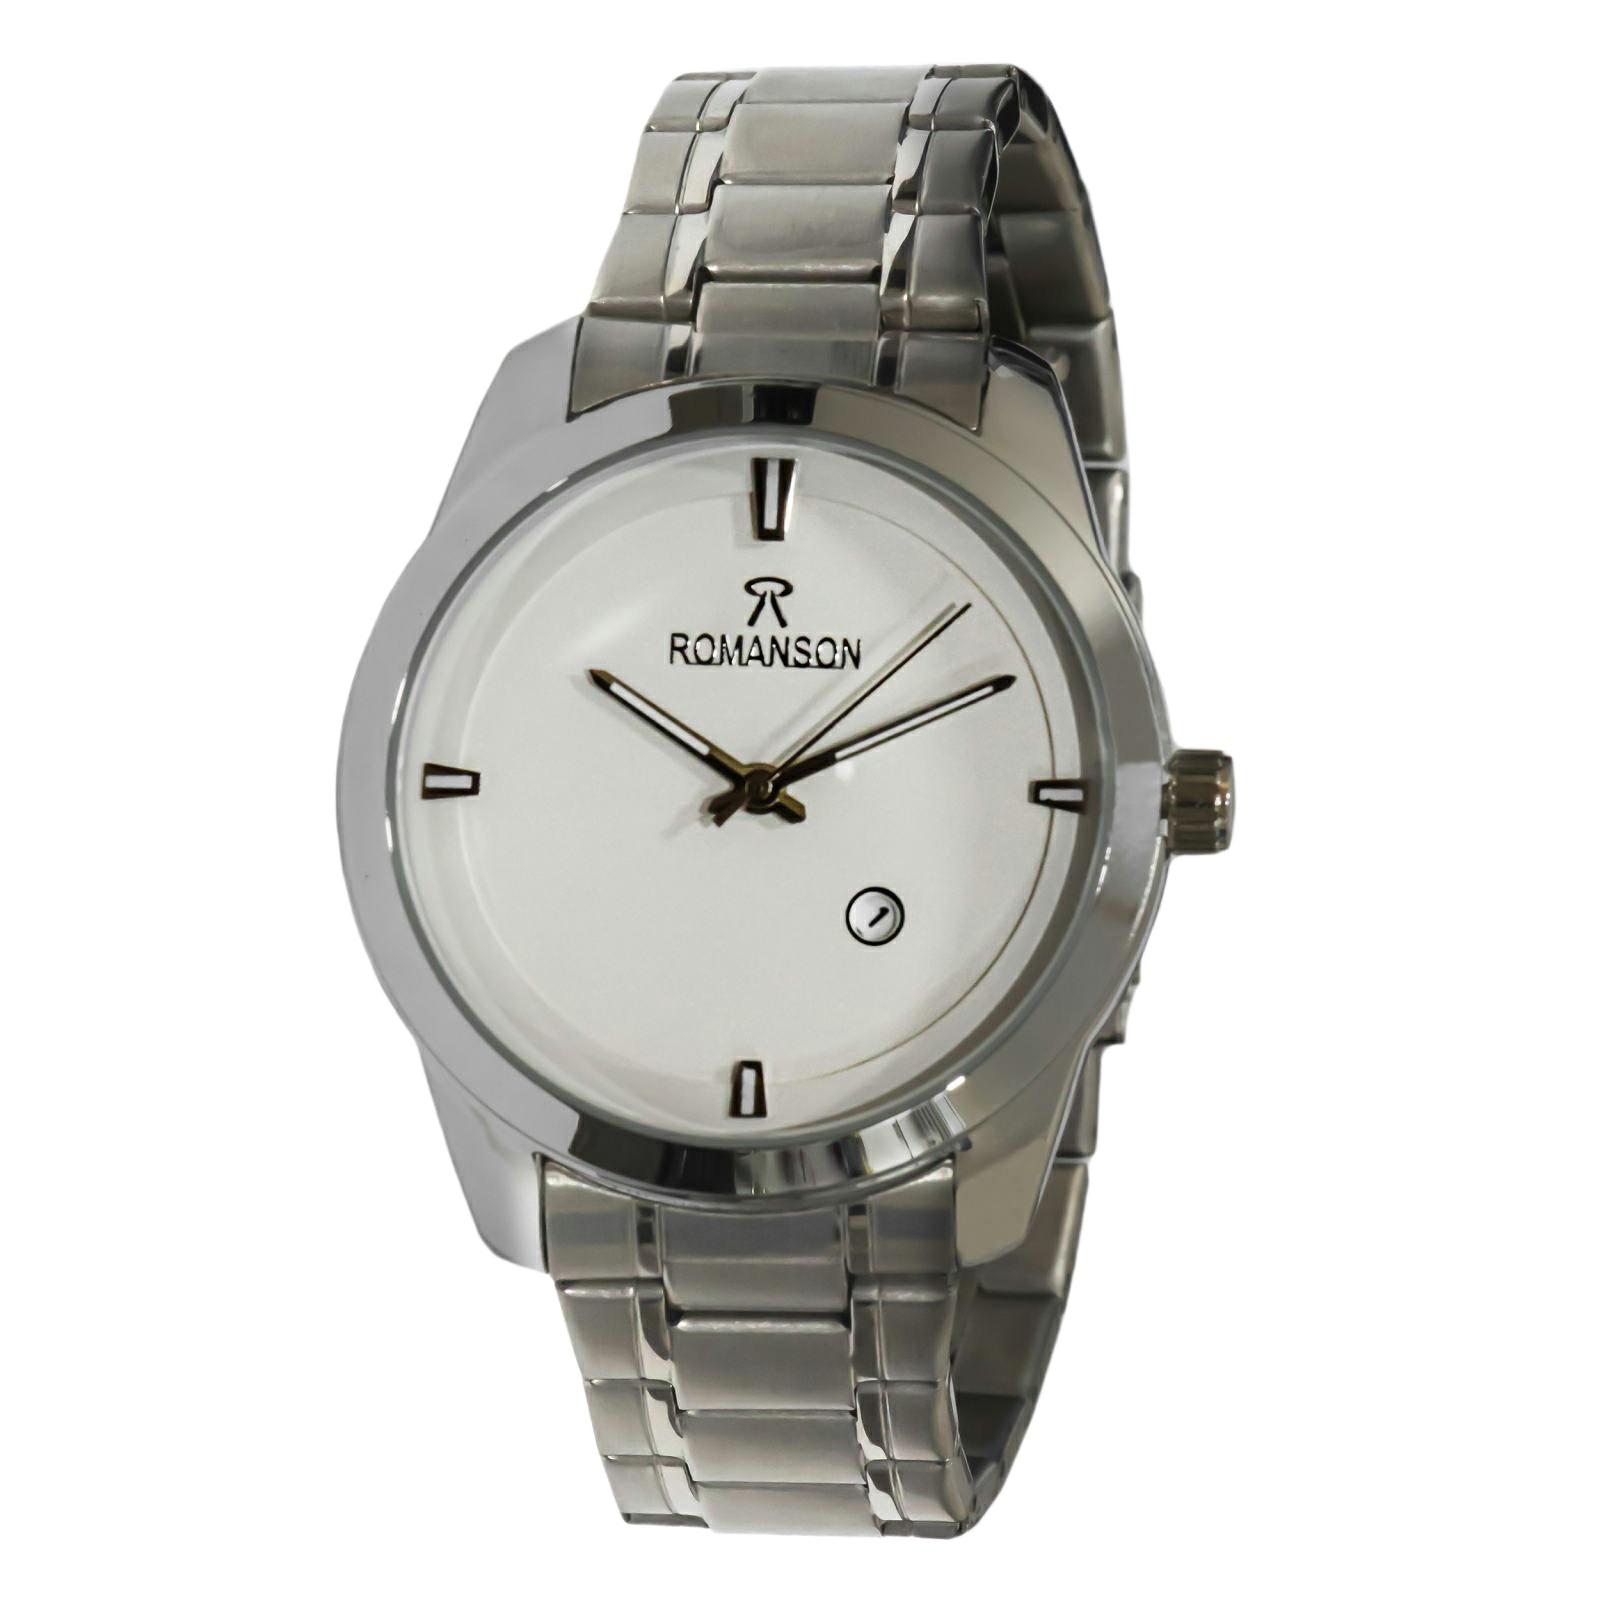 ساعت مچی عقربه ای مردانه رومانسون مدل PB008 Me